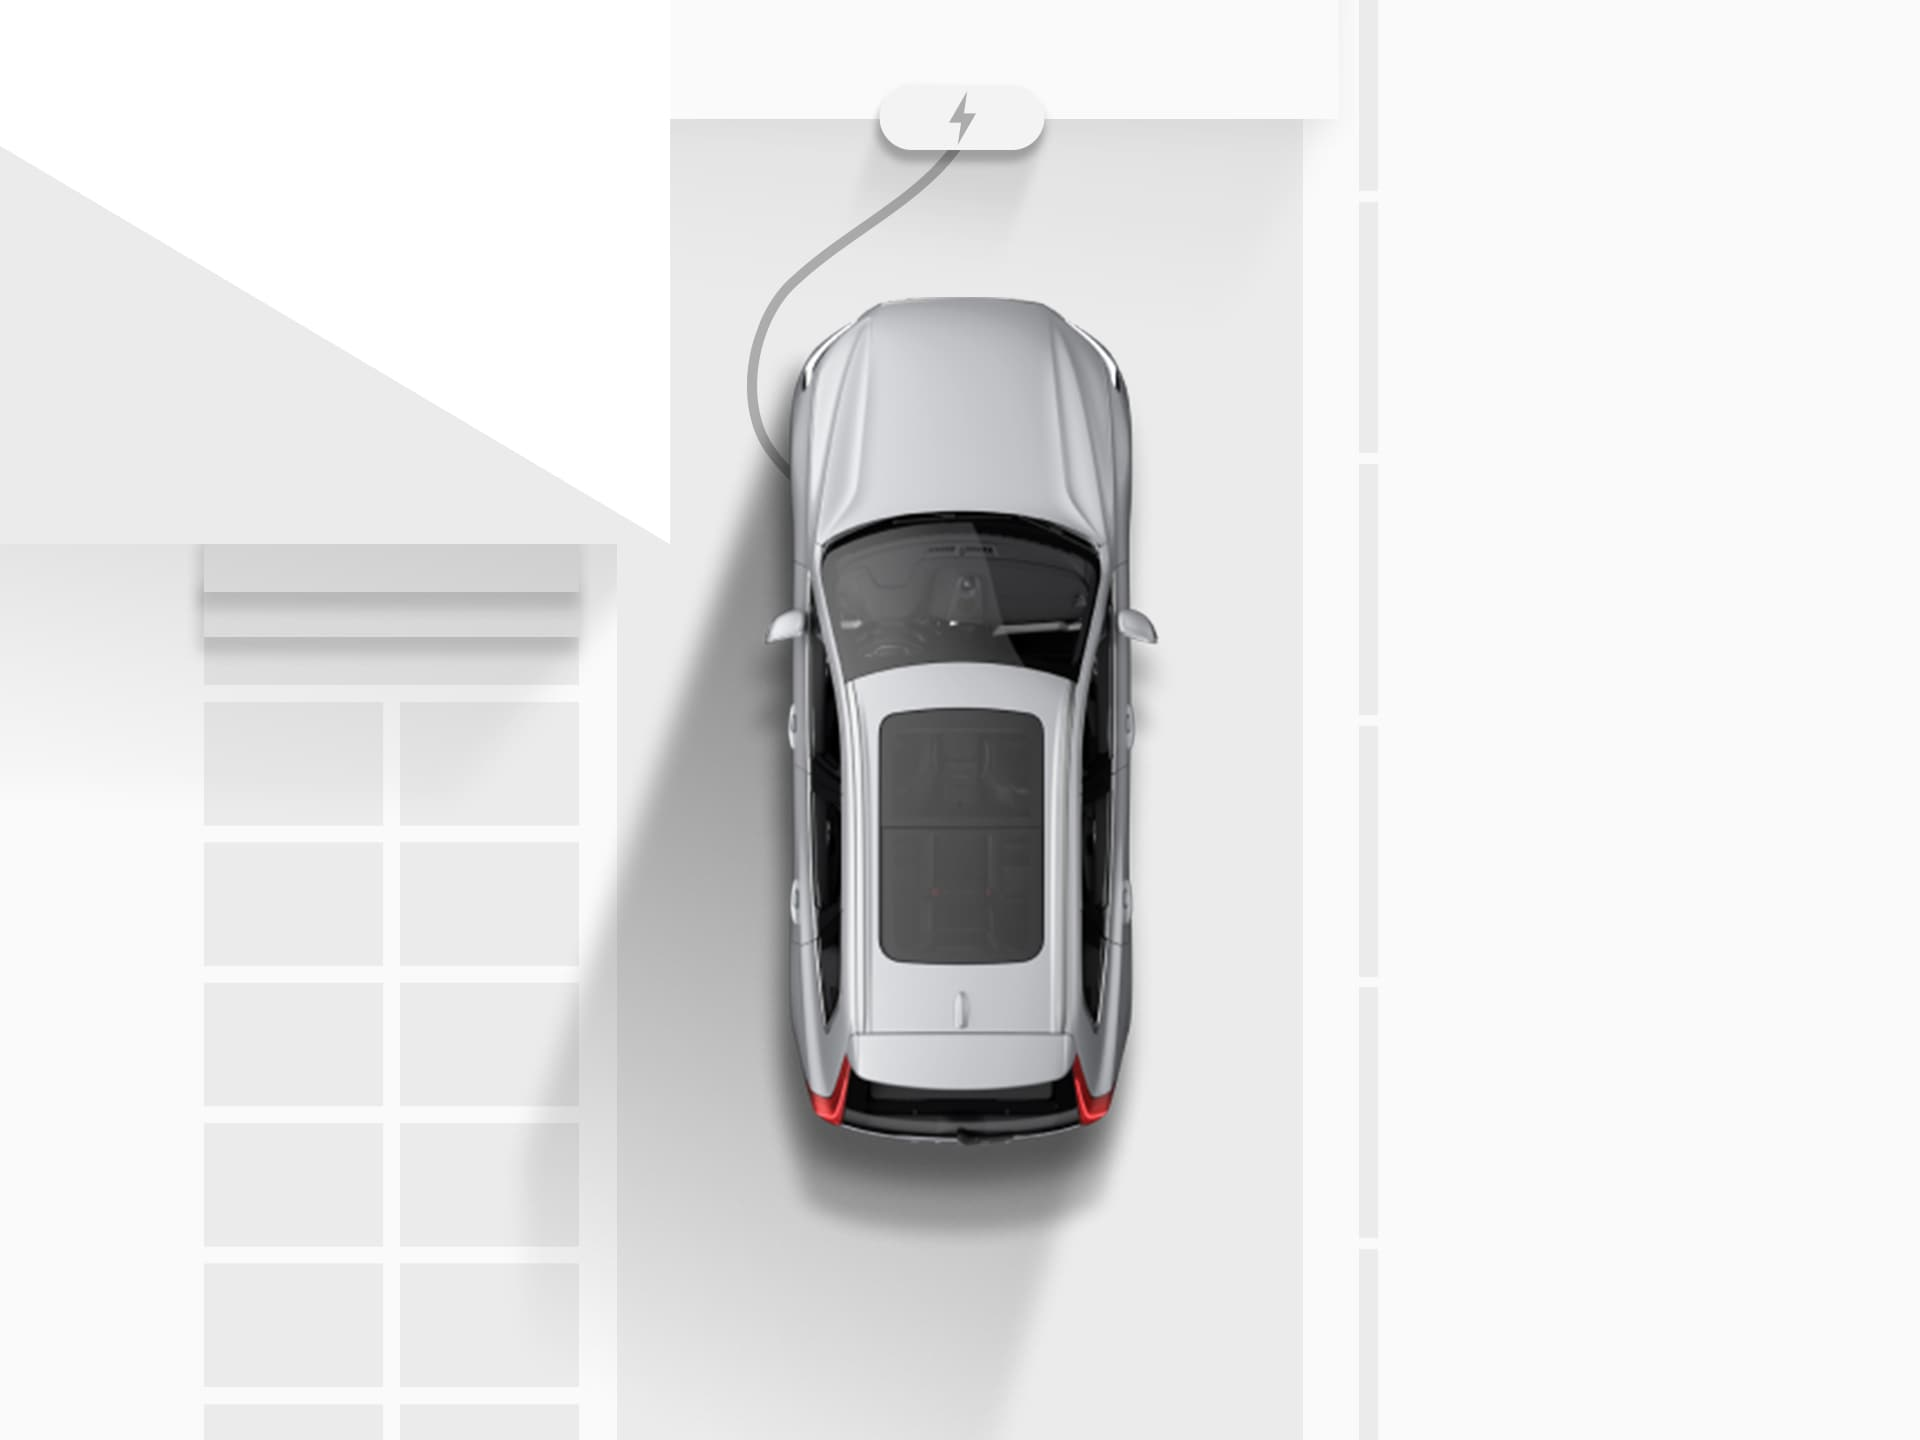 Wizualizacja z widokiem z góry przedstawiającym srebrnego całkowicie elektrycznego SUV-a Volvo XC40 Recharge podłączonego do prądu i ładowanego na podjeździe do domu.